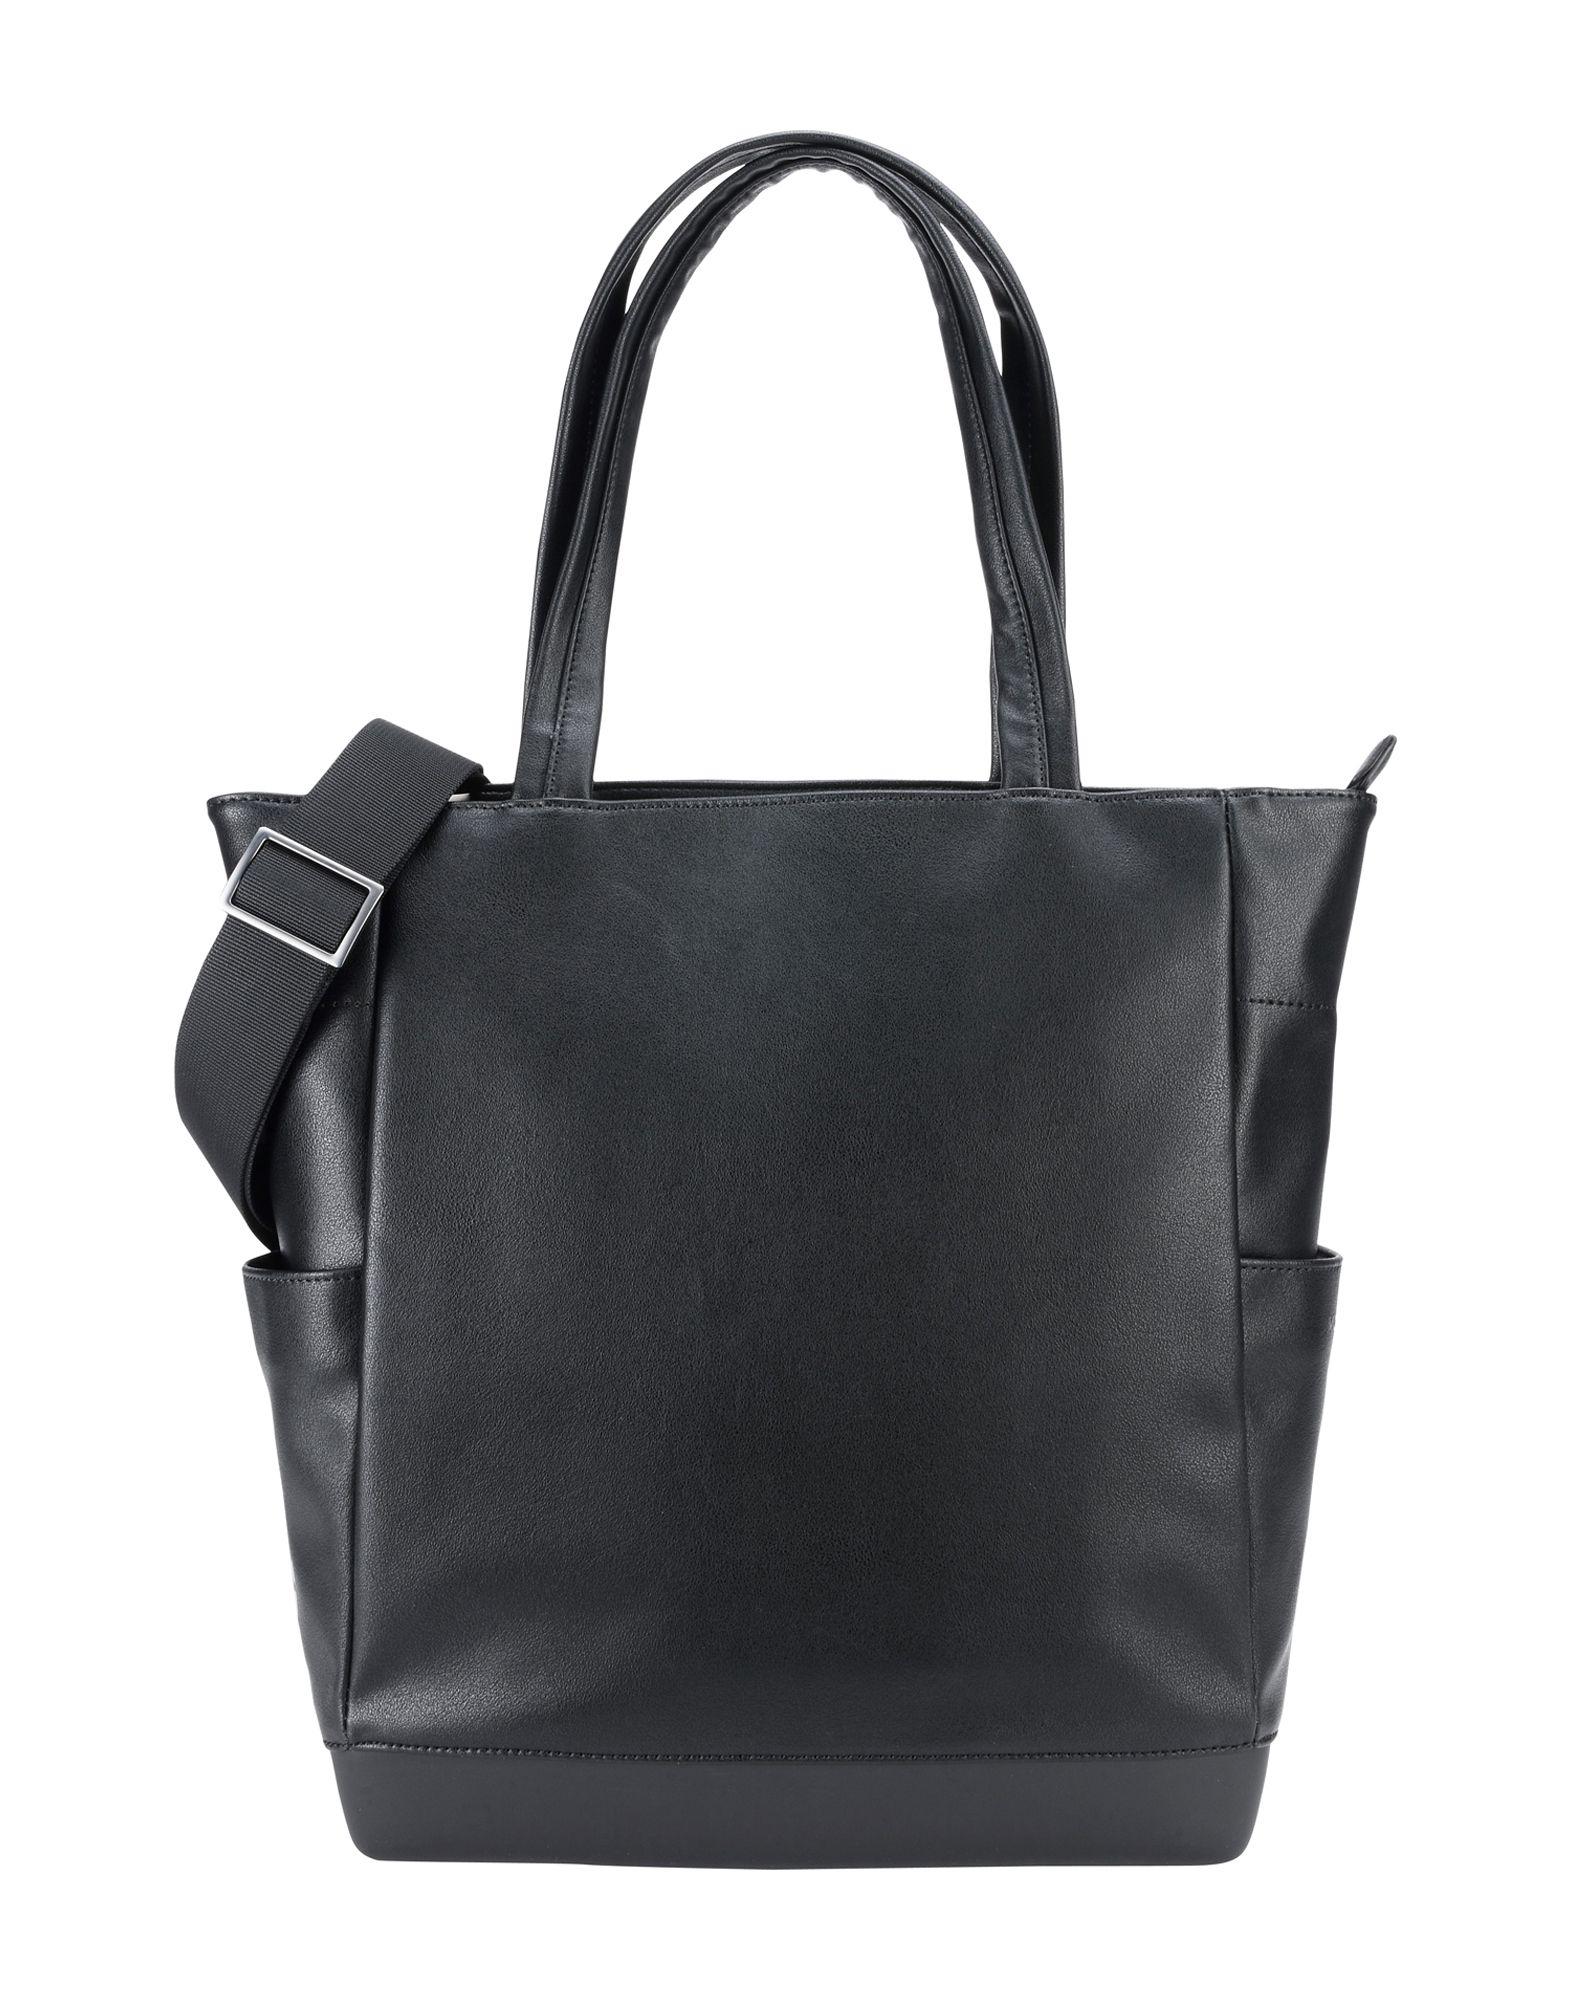 Borsa Da Lavoro Moleskine Classic Tote Bag 13 - Donna - Acquista online su